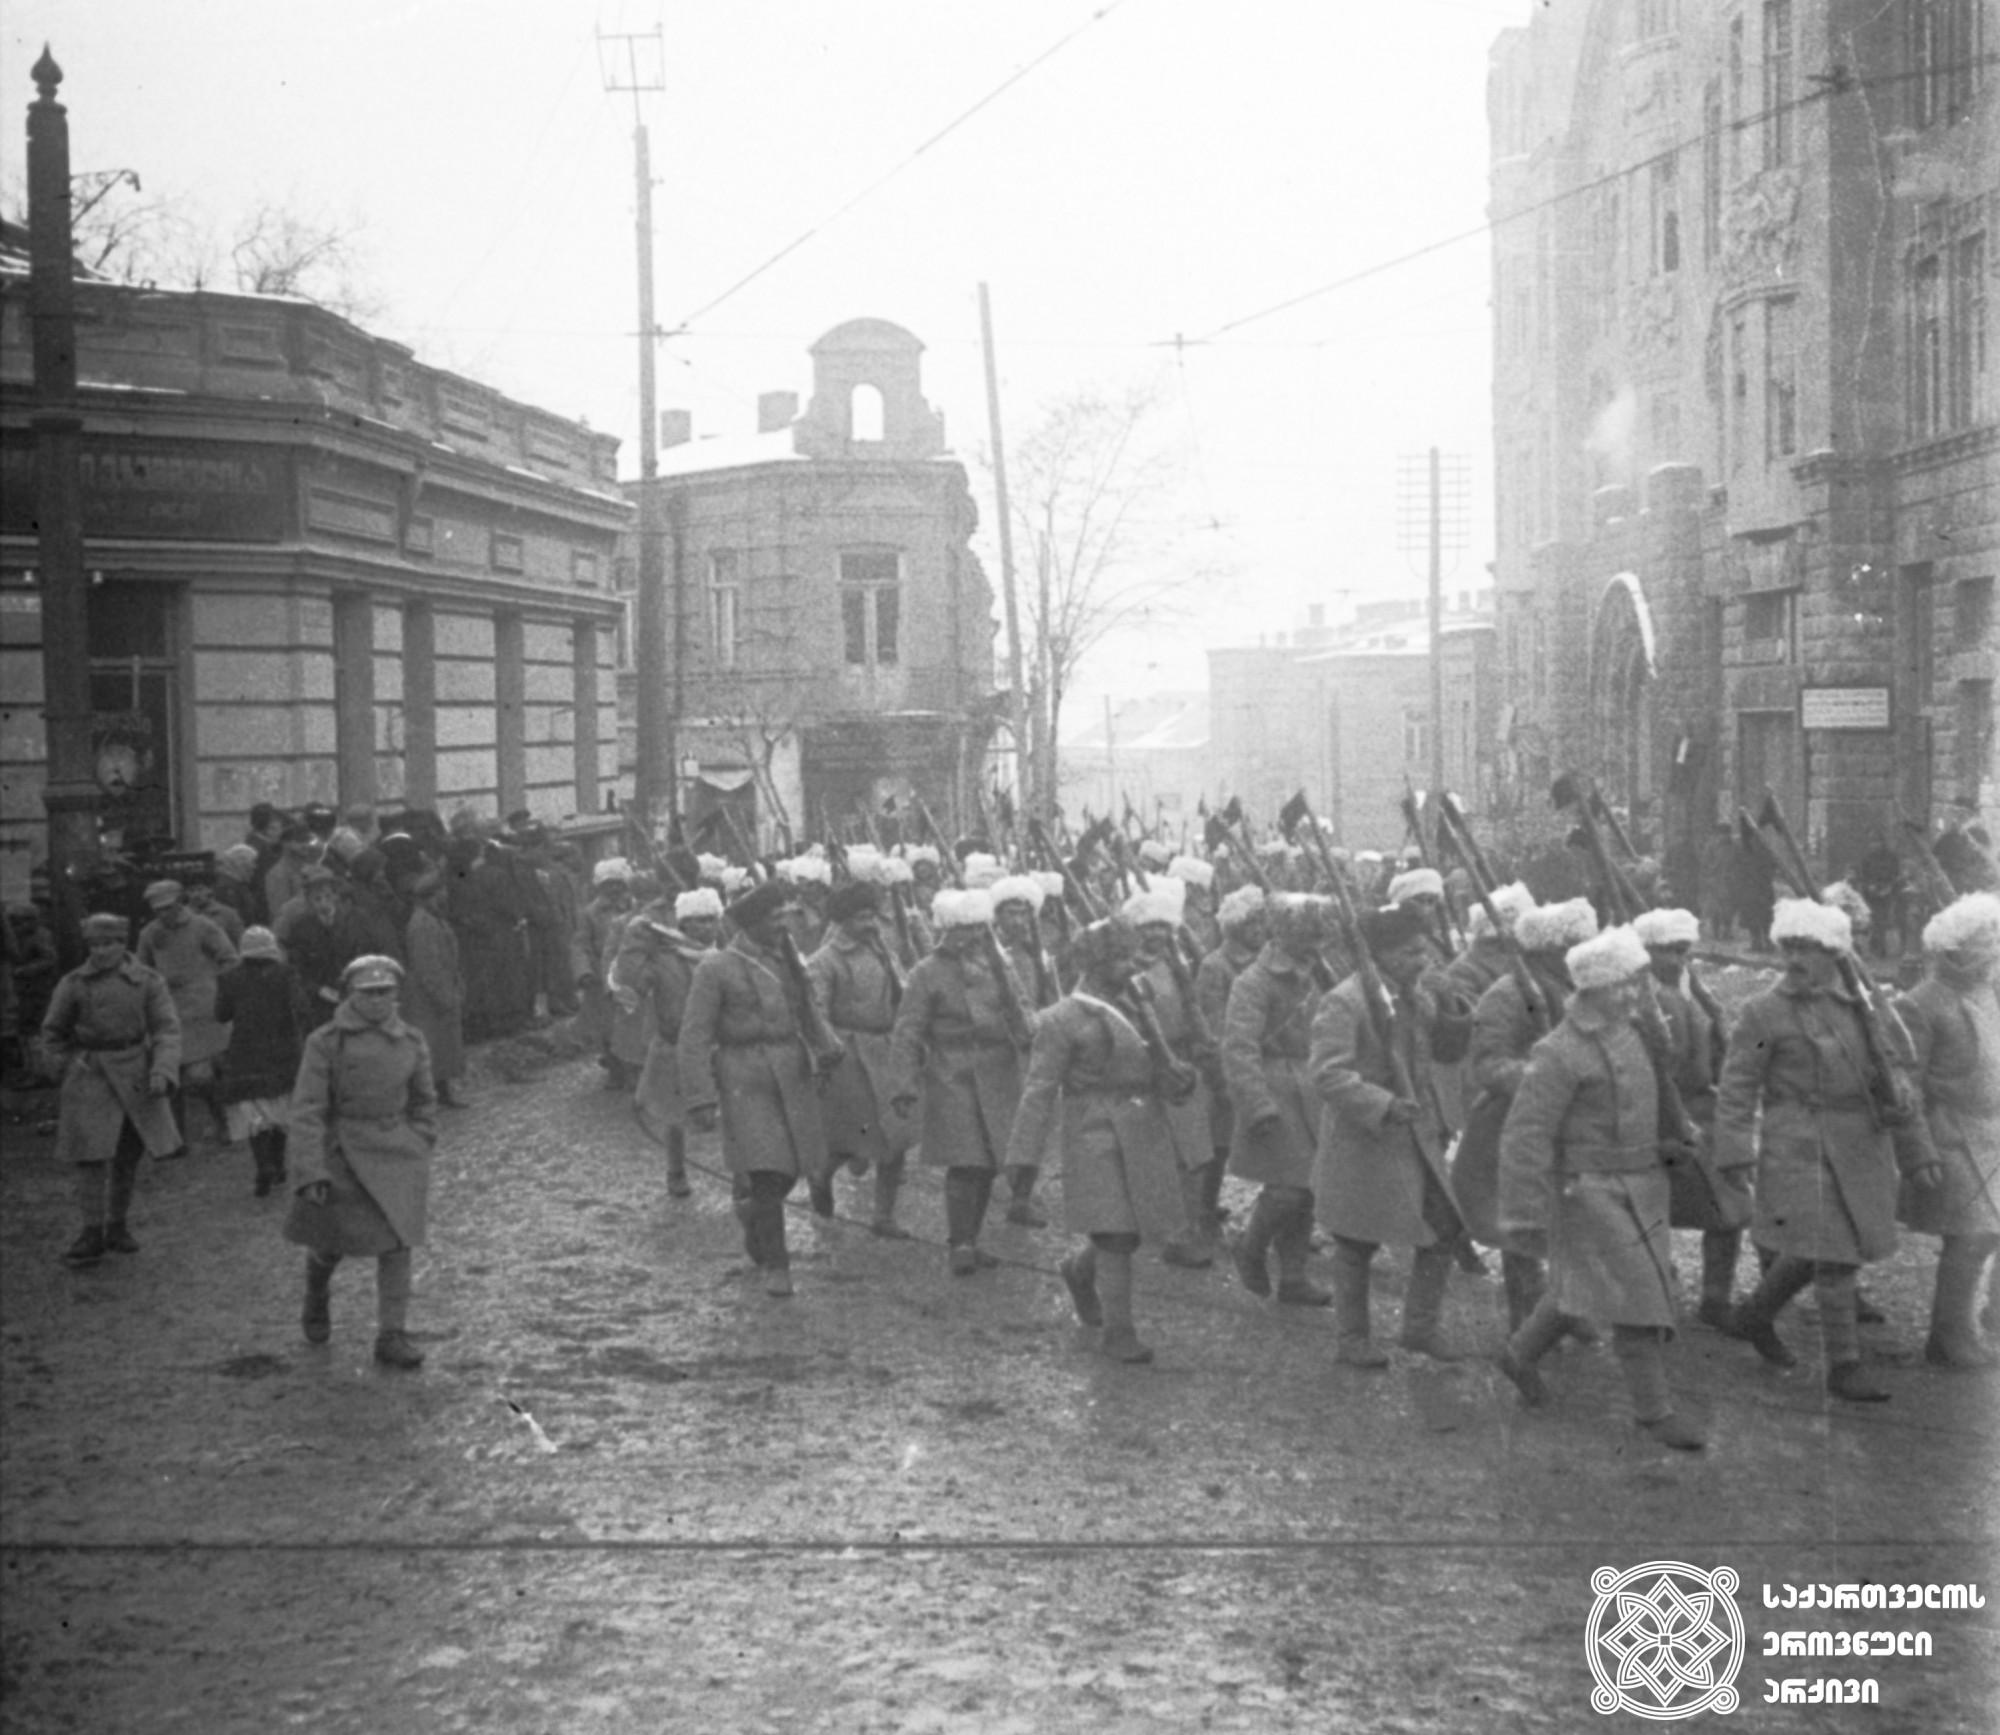 საქართველოს დე იურედ აღიარების საზეიმო აღლუმში მონაწილე ჯარისკაცები, რომელთაც ერთი კვირის შემდეგ რუსეთთან ომში ჩართვა მოუწიათ.  <br> თბილისი, 1921 წლის 6 თებერვალი.  <br> Soldiers taking part in a parade recognizing Georgia de jure, who had to join the war with Russia a week later.  <br> Tbilisi, February 6, 1921.